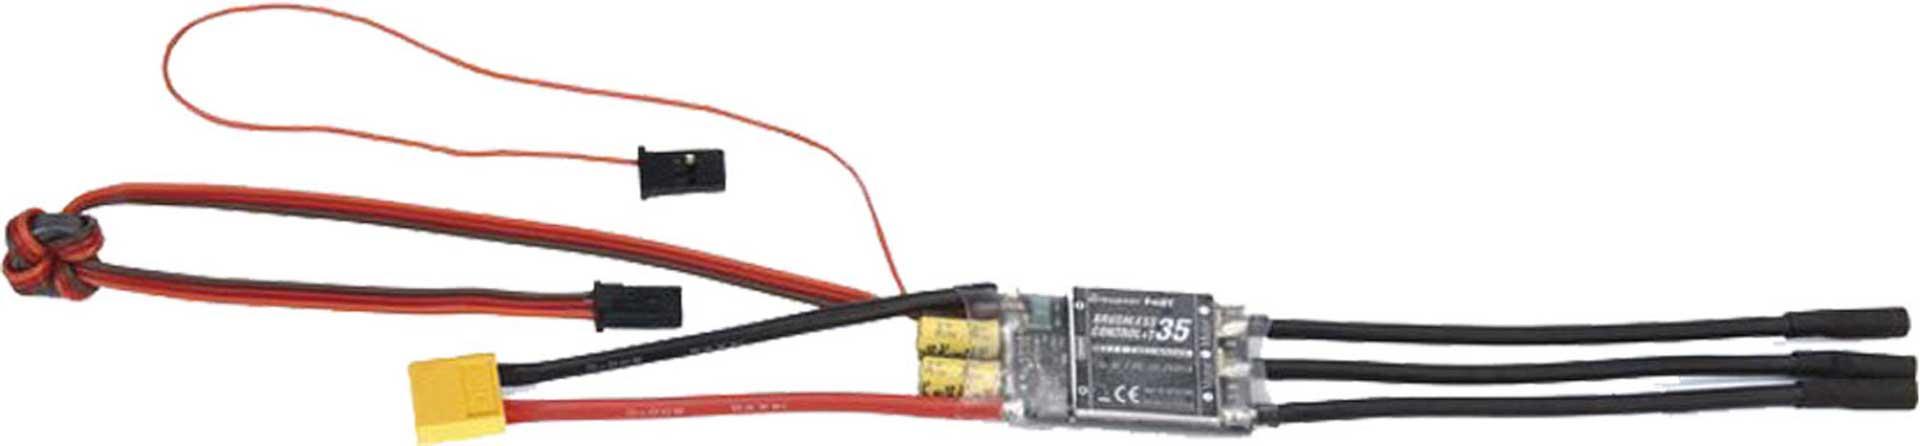 GRAUPNER BRUSHLESS CONTROL+ T 35 BEC G2 XT-60 REGLER